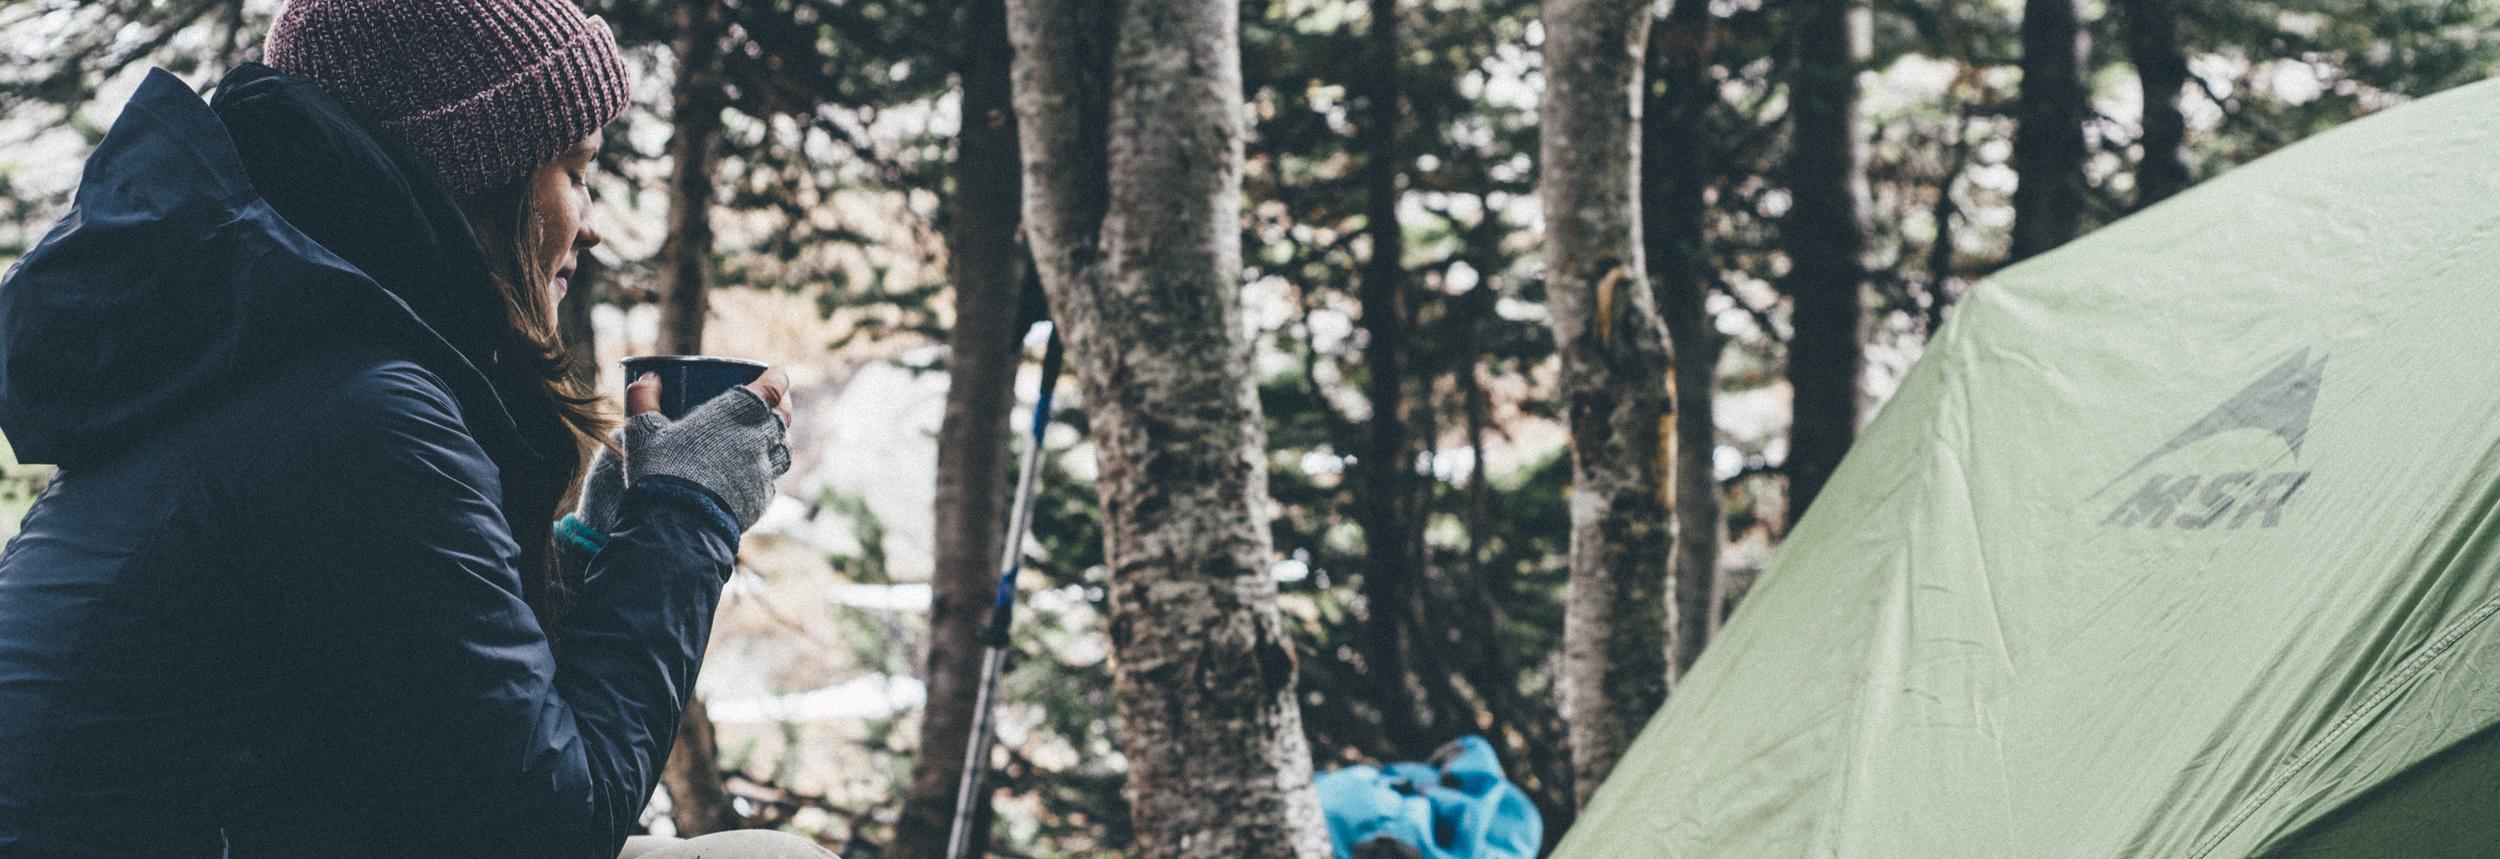 camping girl header.jpg